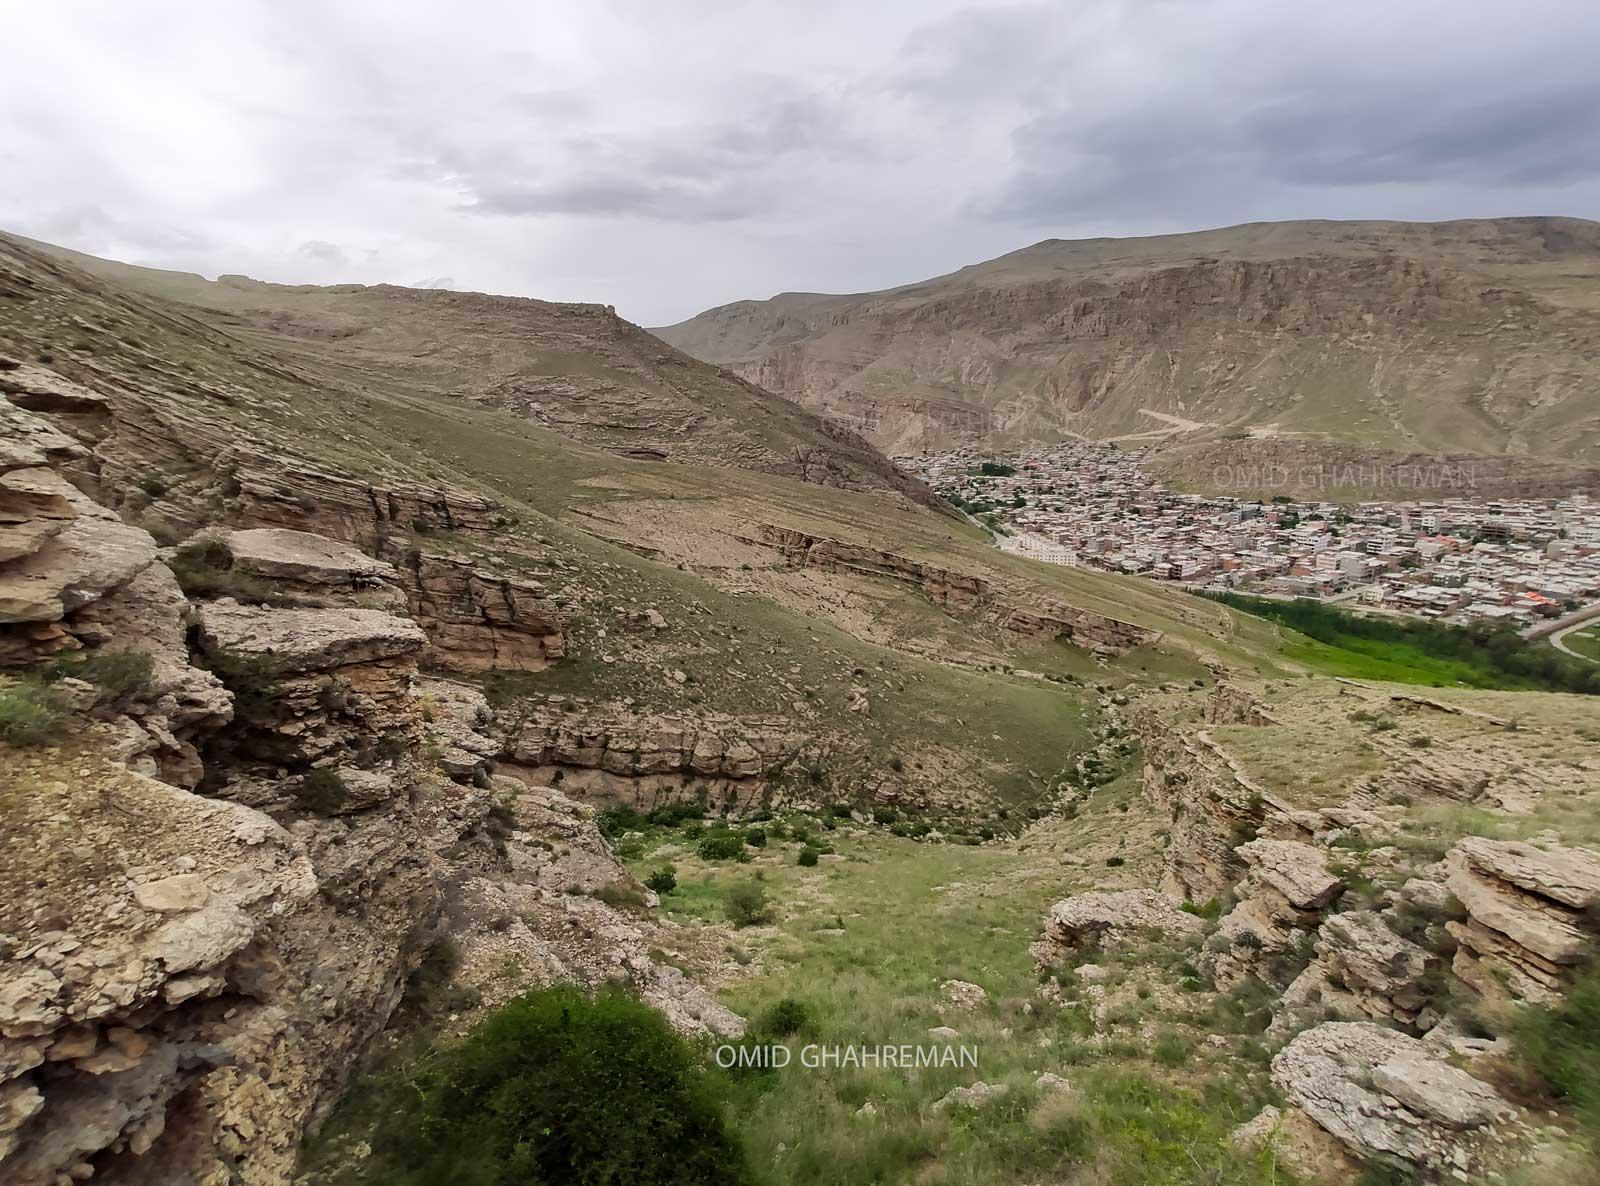 دره بزرگ در بالای بشگوز ماکو